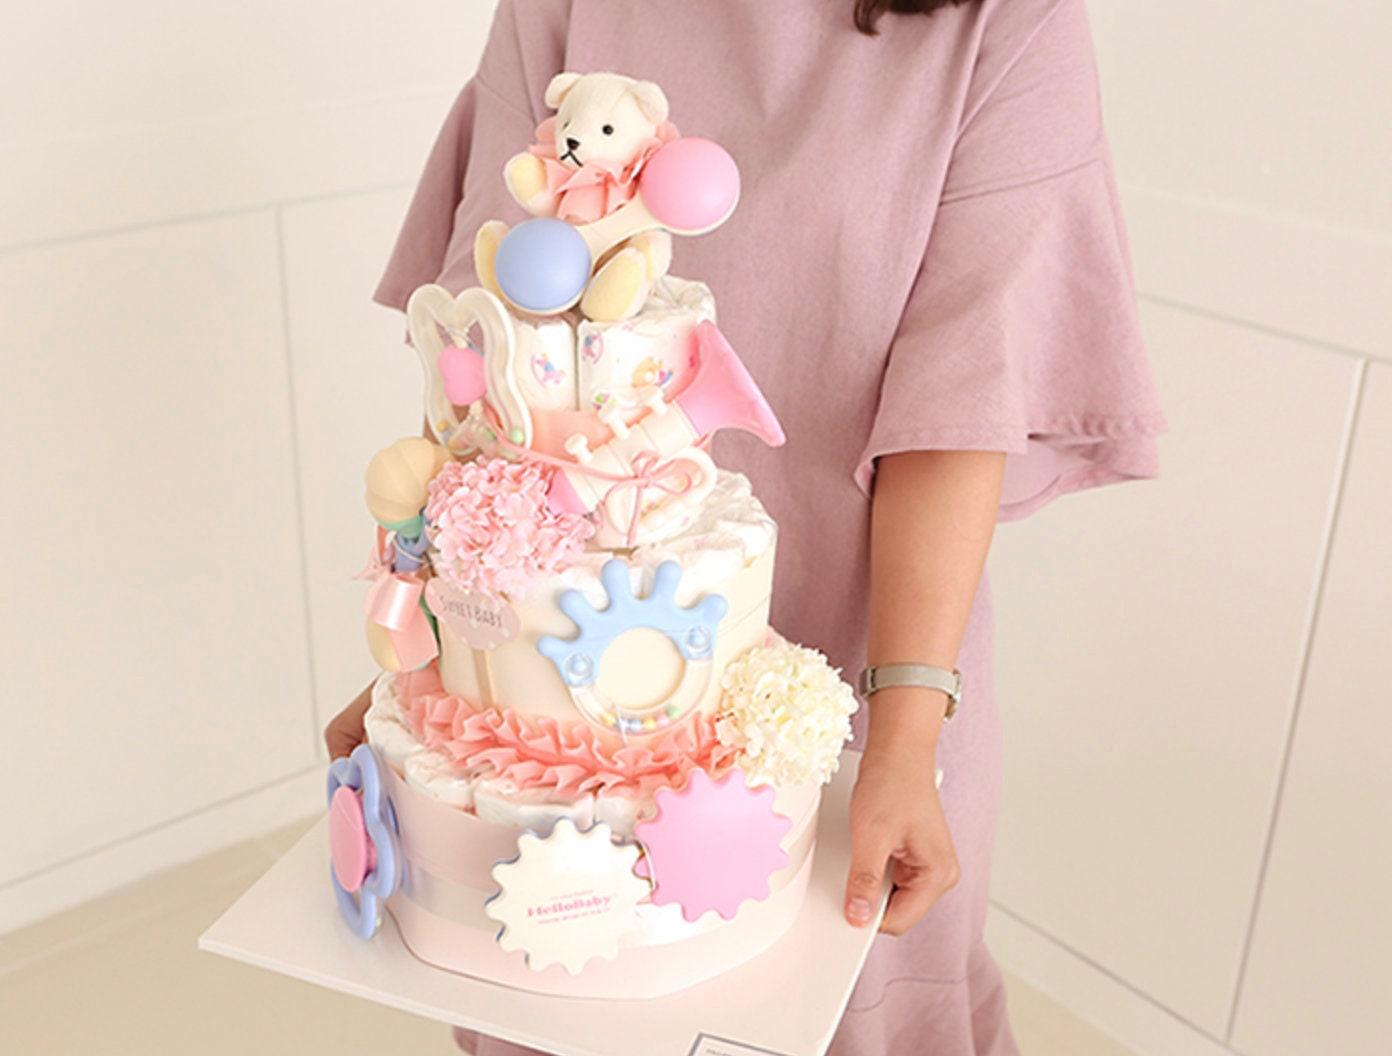 Bundle Of Joy Diaper Cake 3 Tier Pink Baby Shower Centerpiece